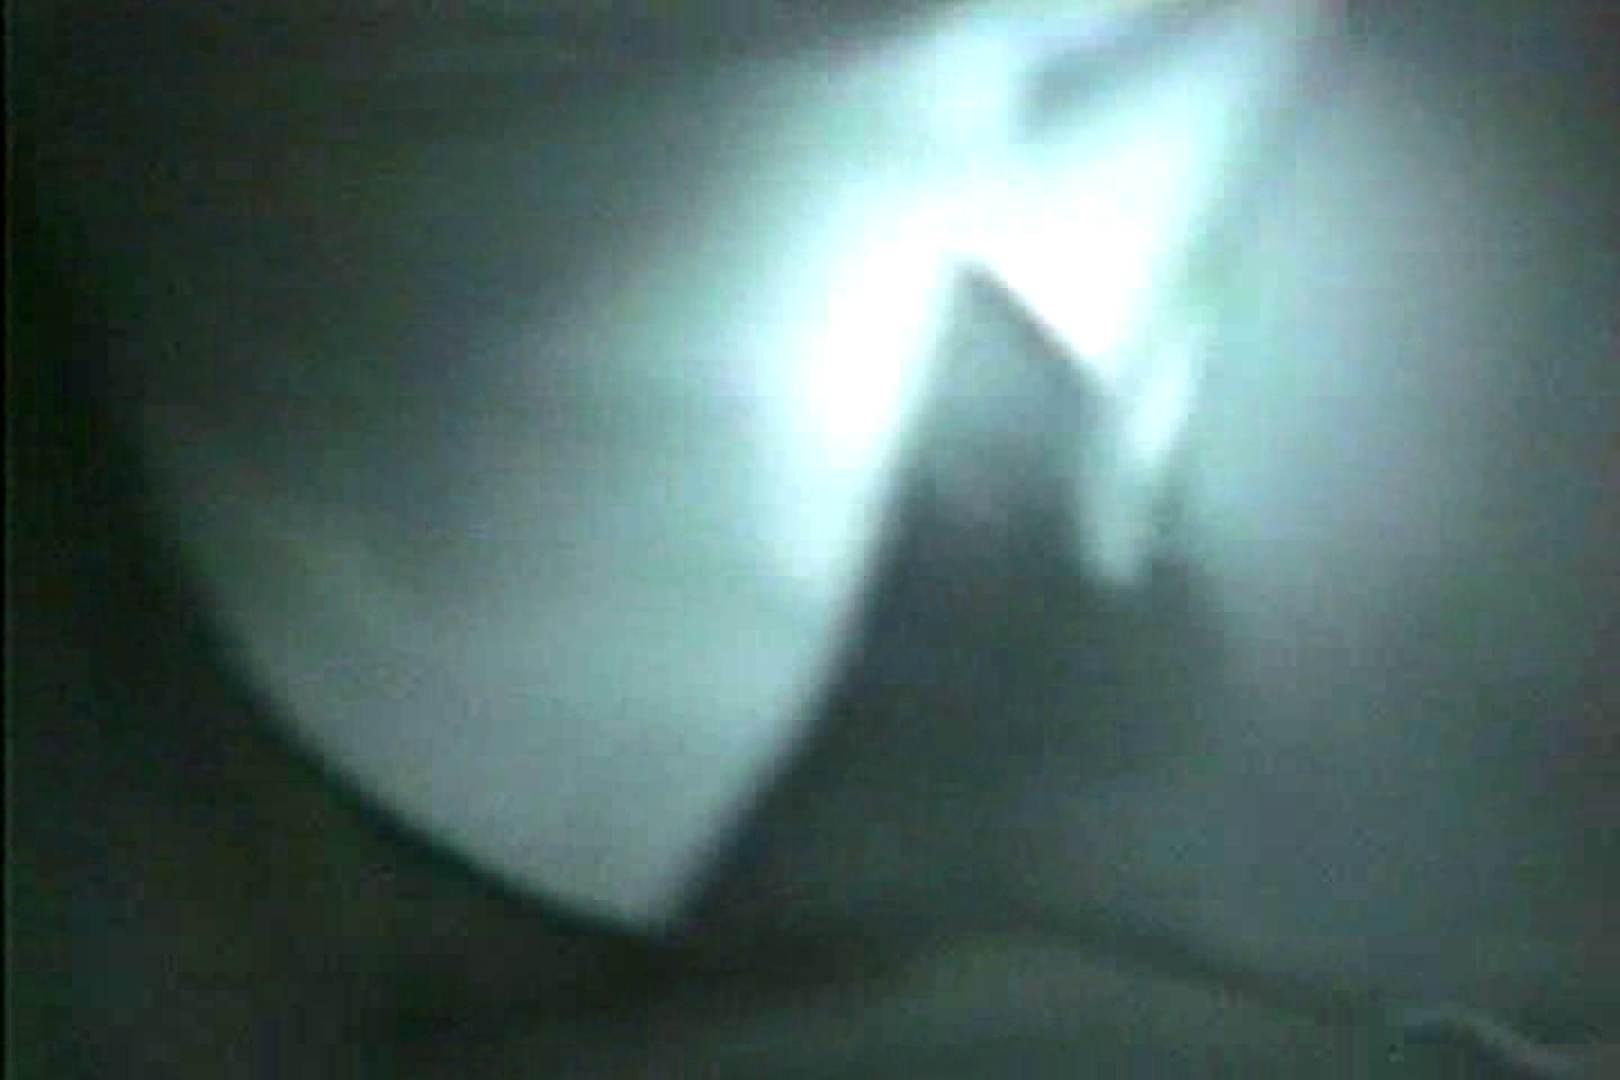 車の中はラブホテル 無修正版  Vol.6 エッチなセックス おまんこ無修正動画無料 89画像 67